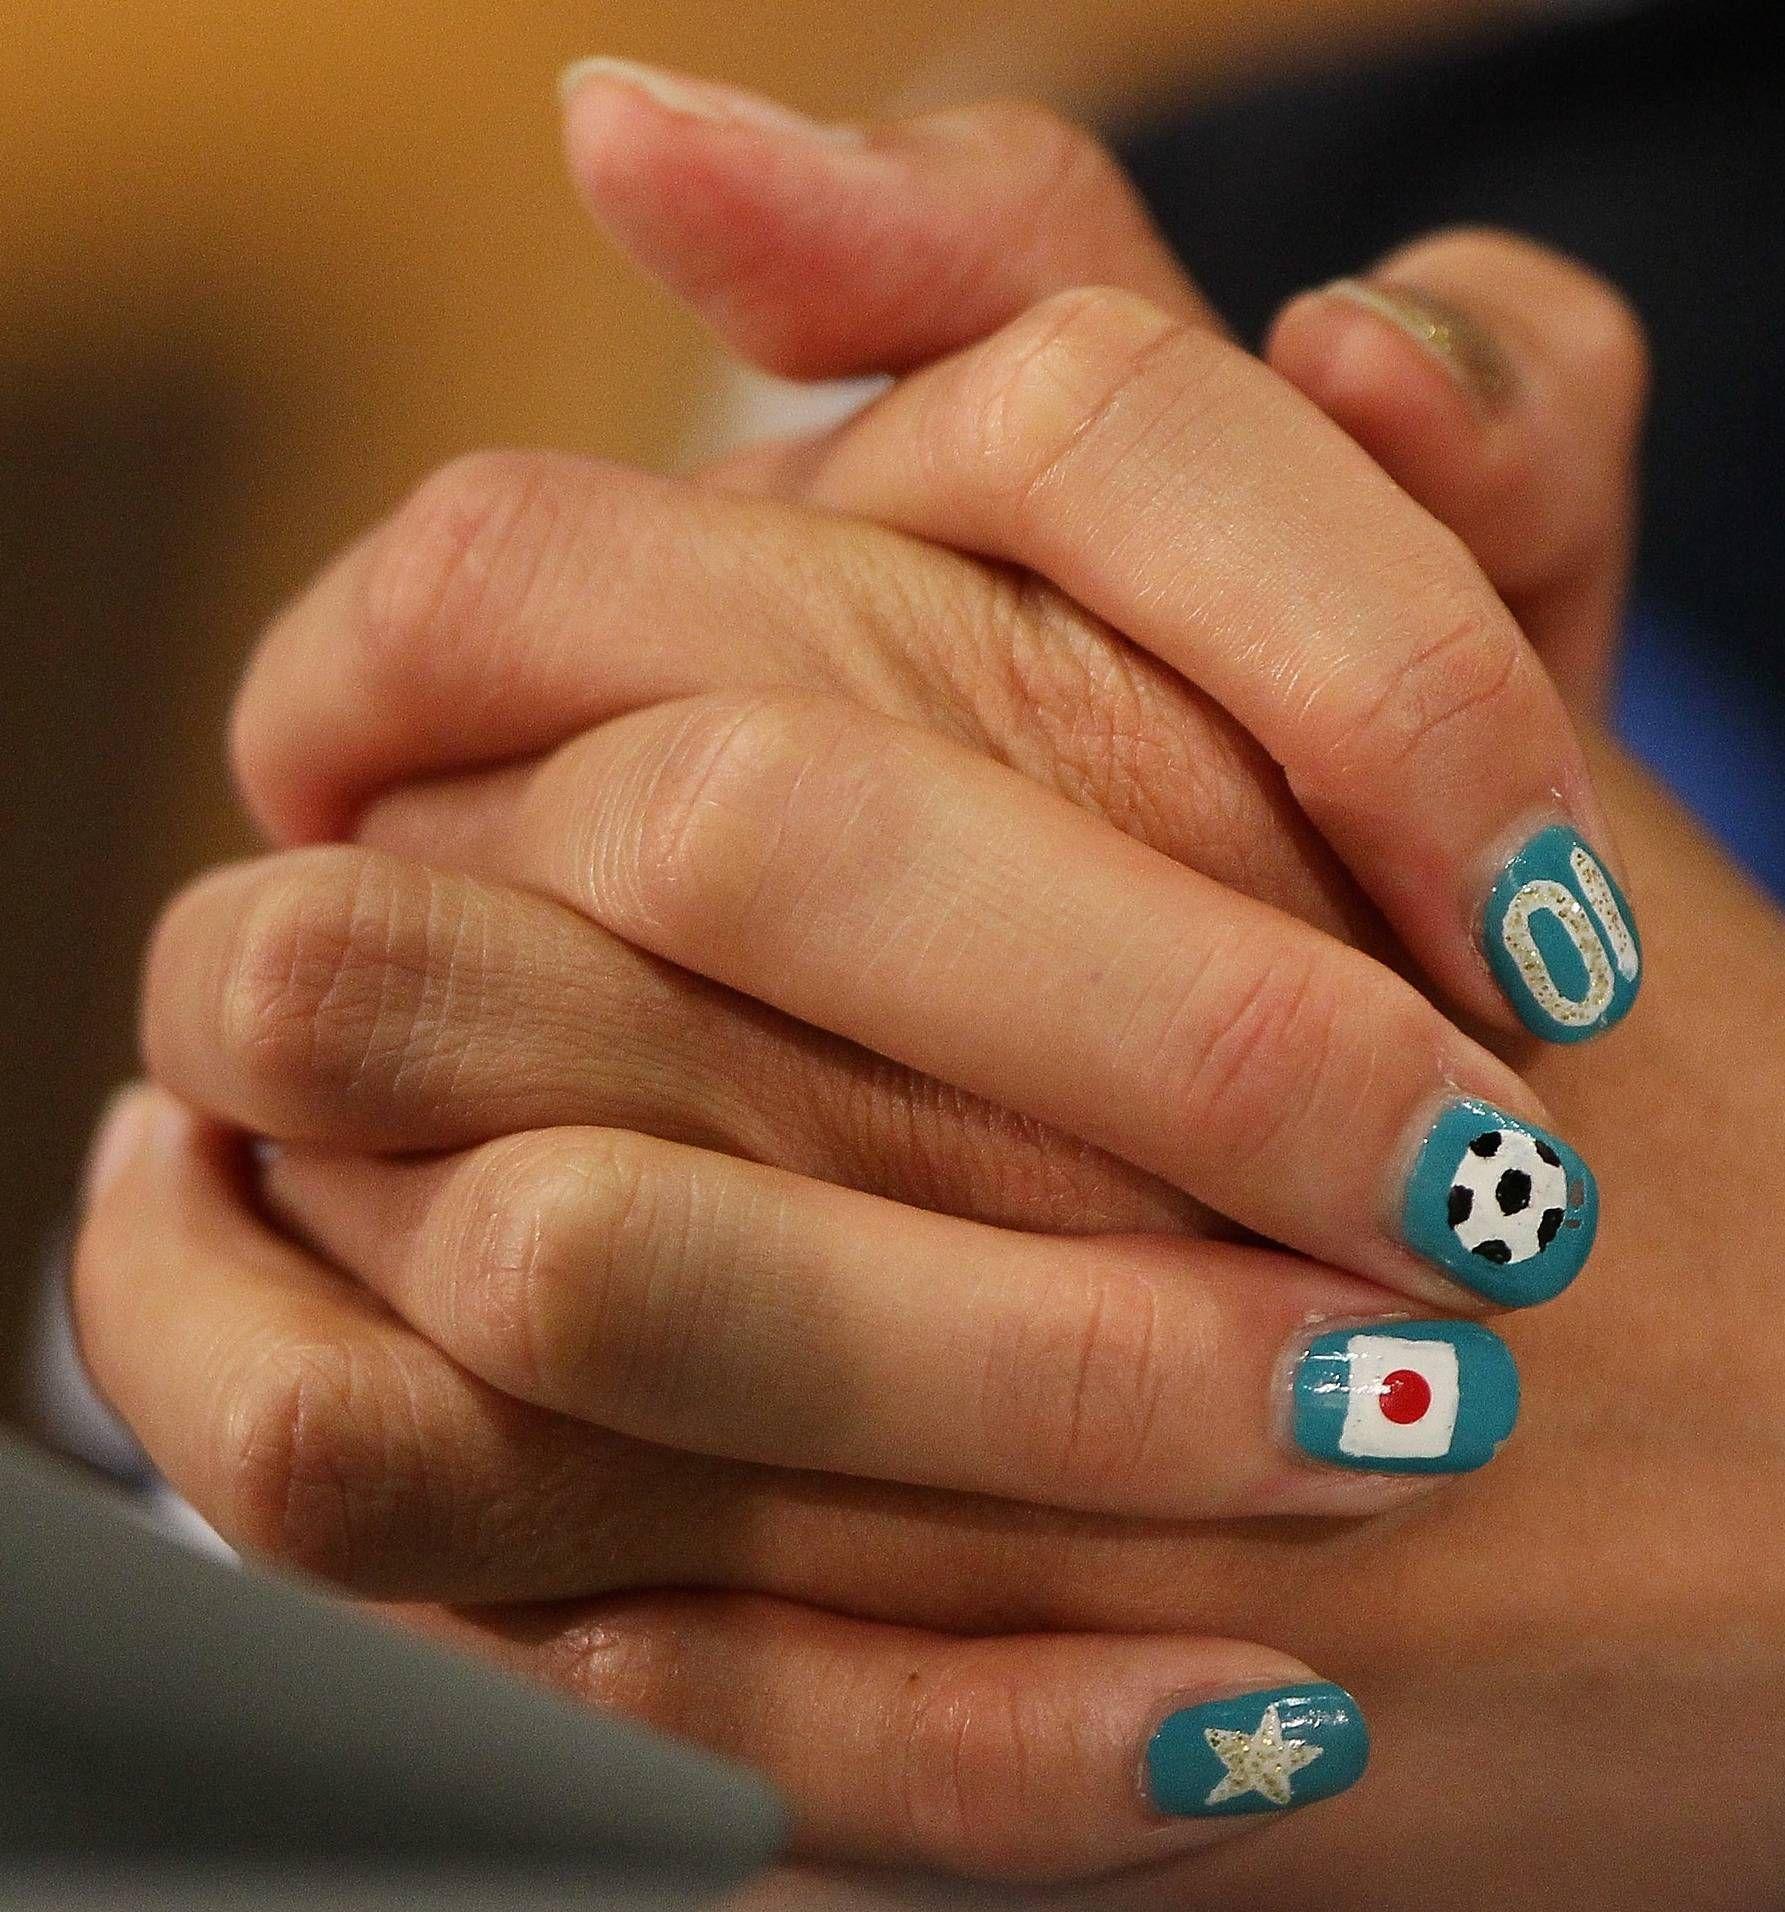 Nail Art Trends 14 Amazing And Hot Looks Nails Soccer Nails Nail Art